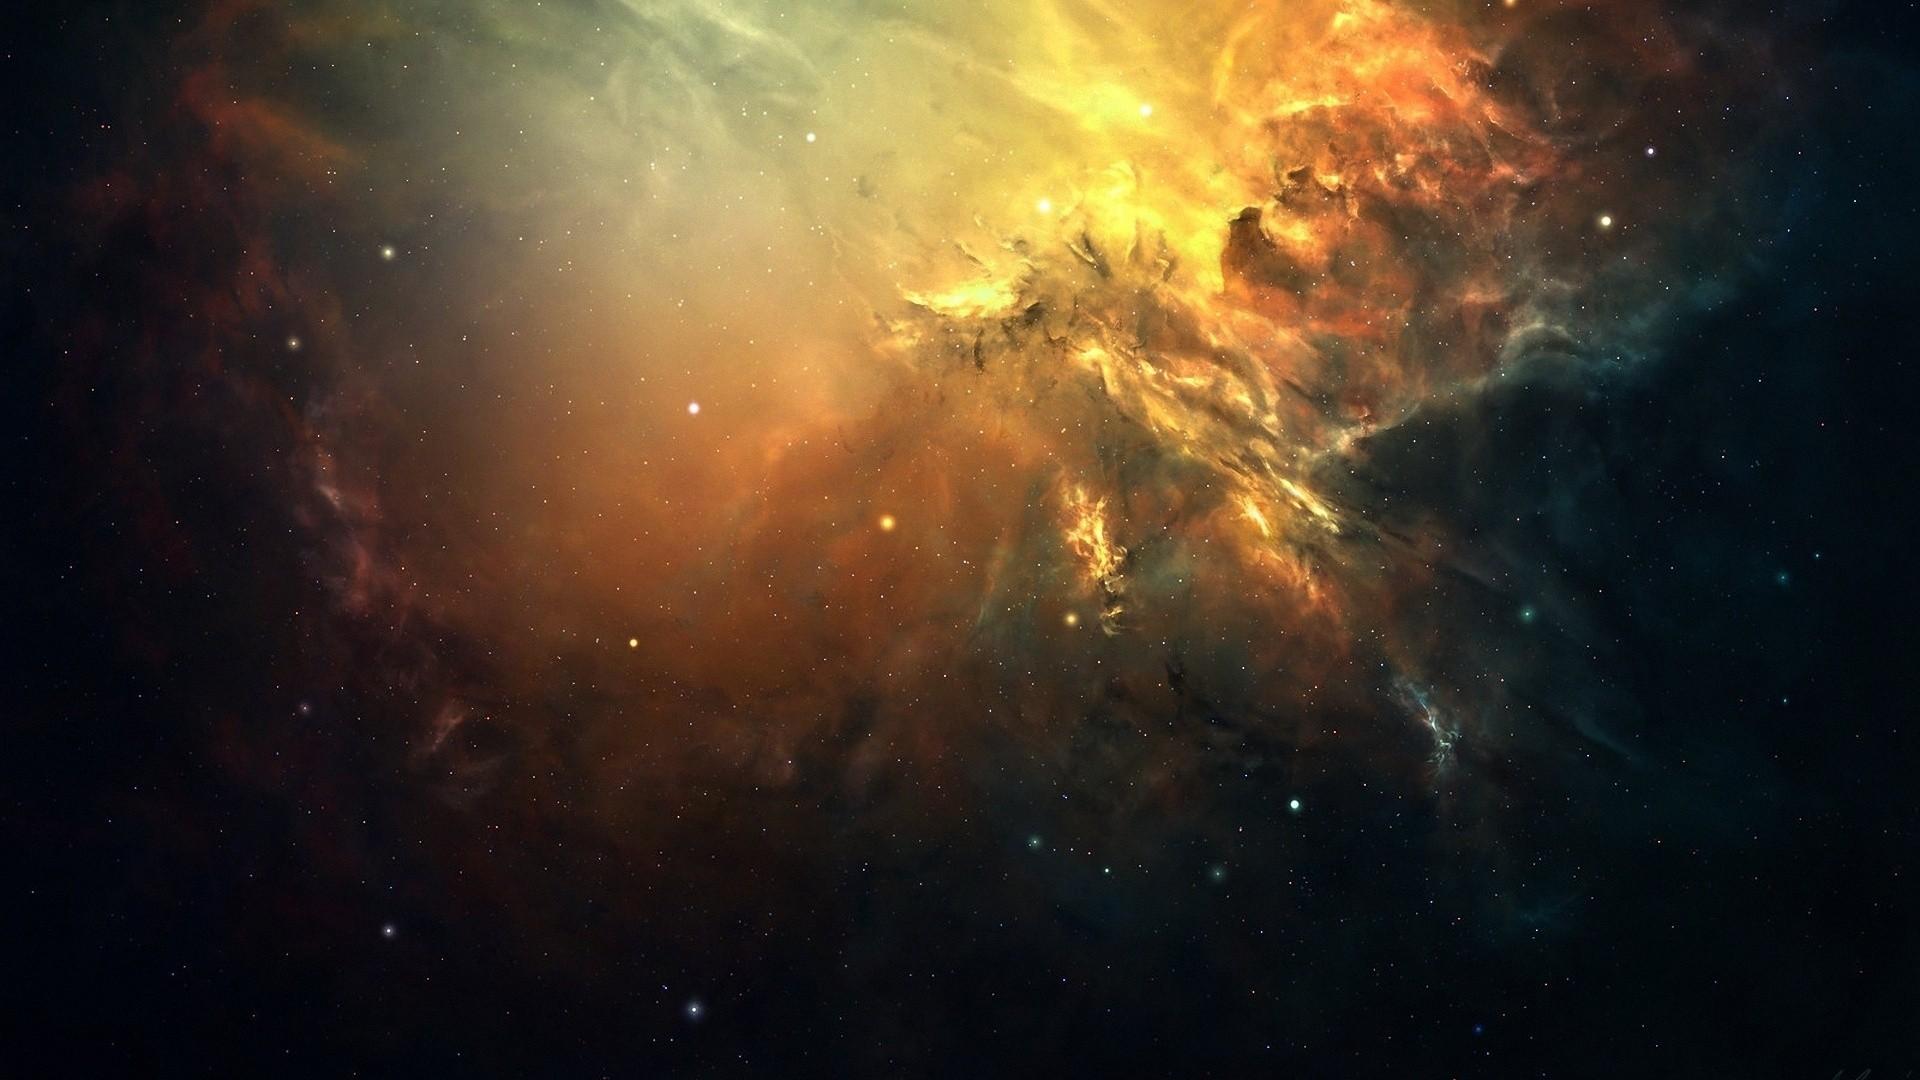 Scarica immagini Infinito Sfondi Galassia - Immagini di ...